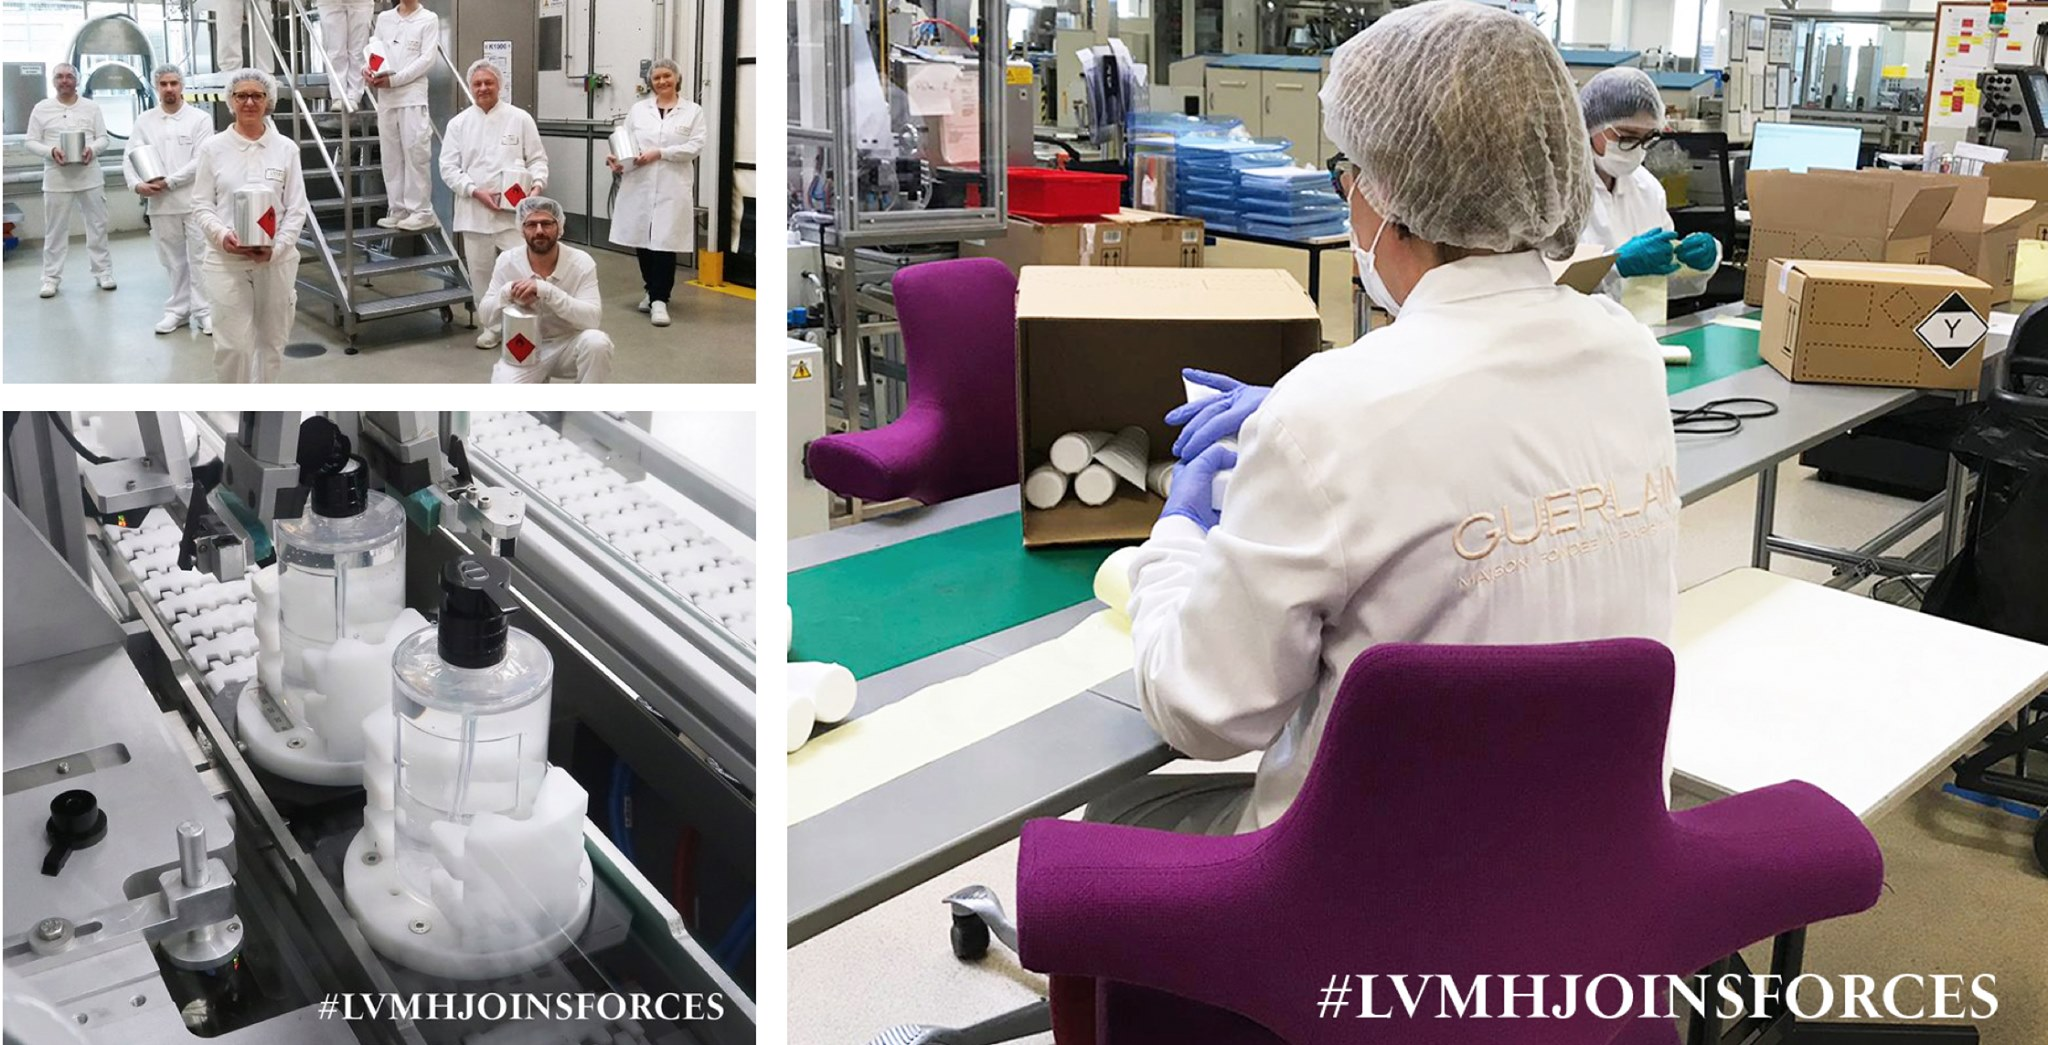 LVMH fabrica geles antibacteriales